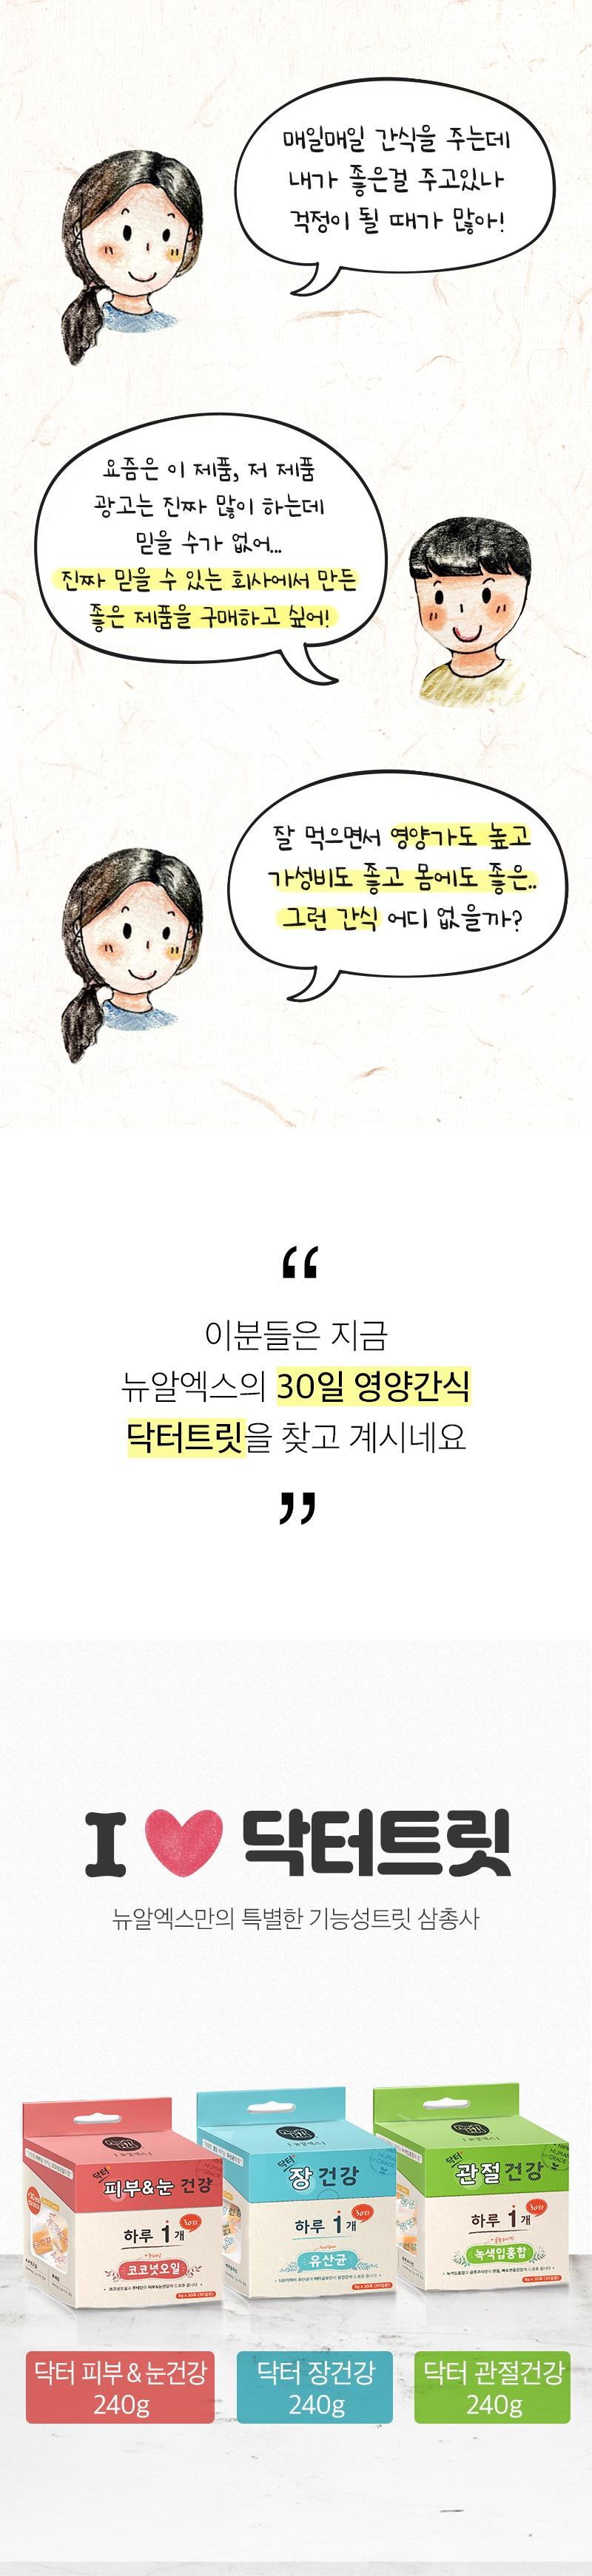 뉴알엑스 닥터피부 눈 건강 (240g)-상품이미지-3